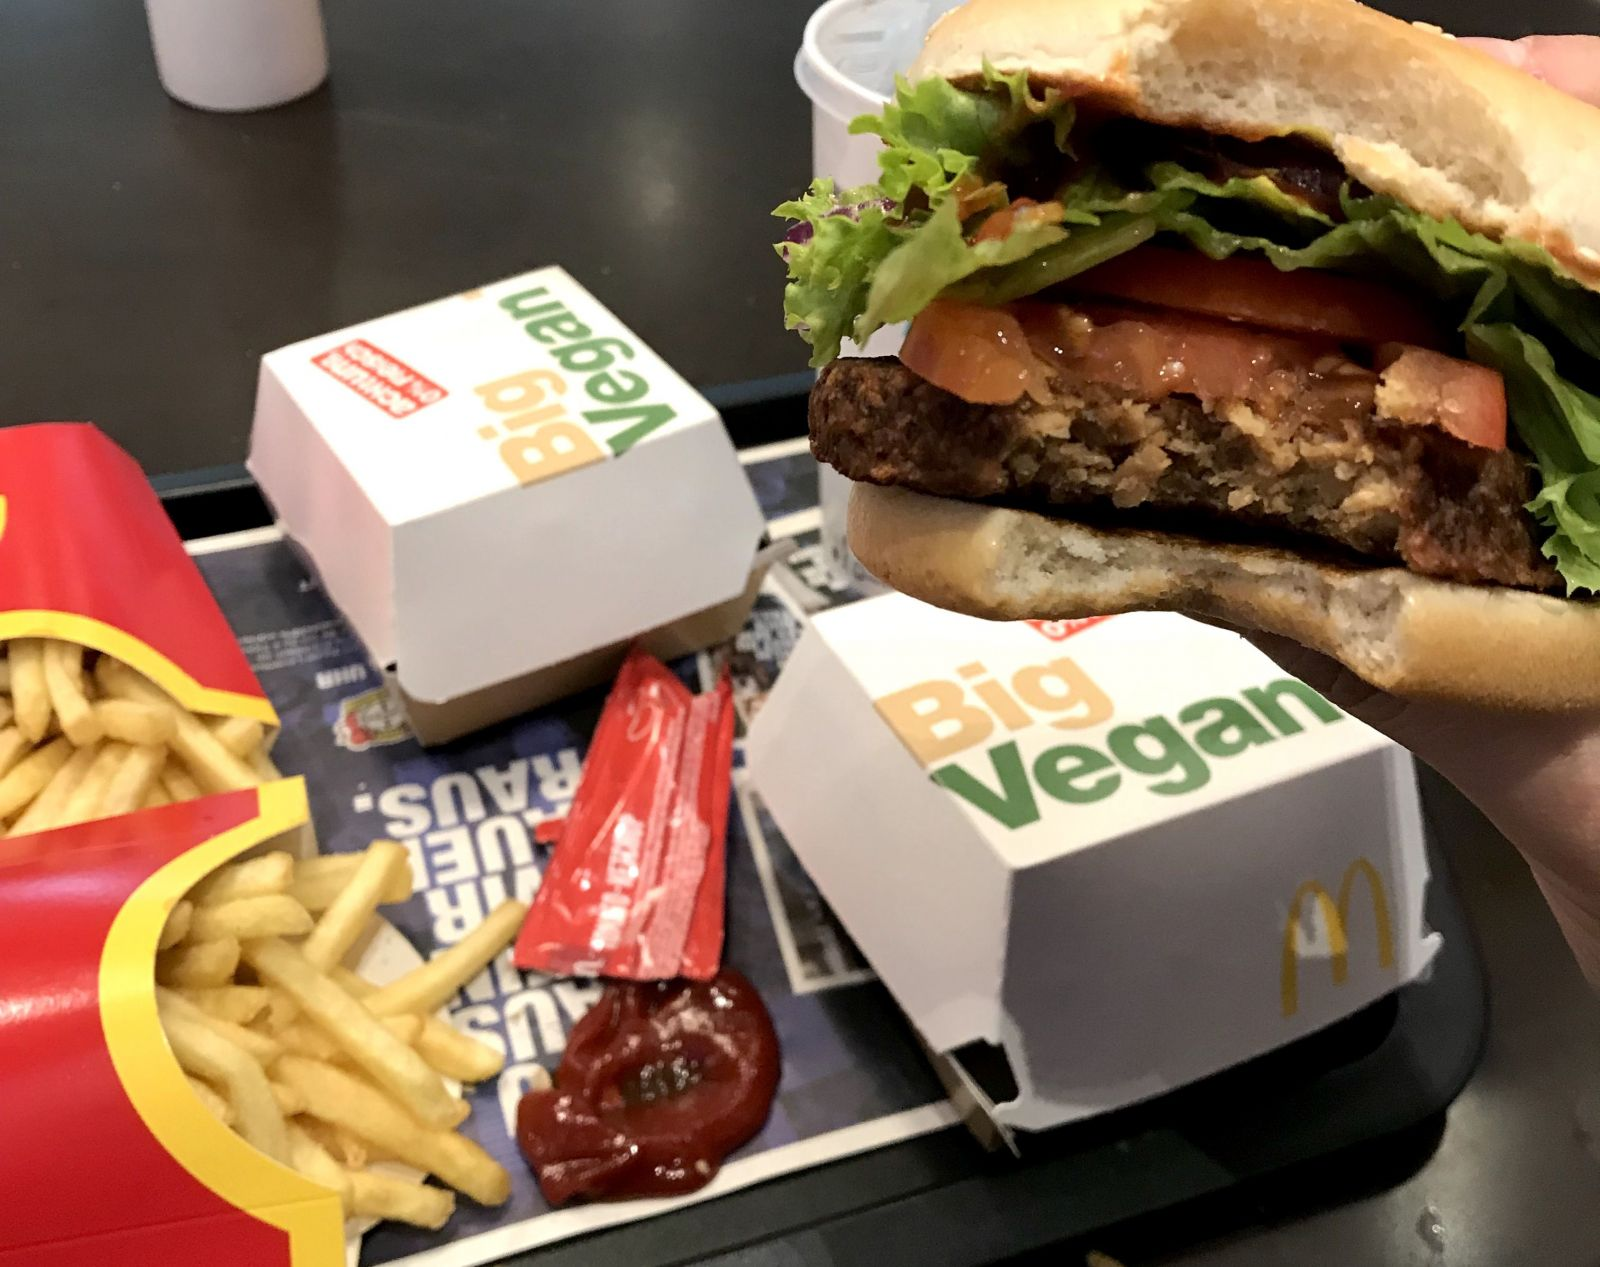 Křidélka z umělého masa v KFC? Prozkoumáme to, řekl prezident amerického řetězce